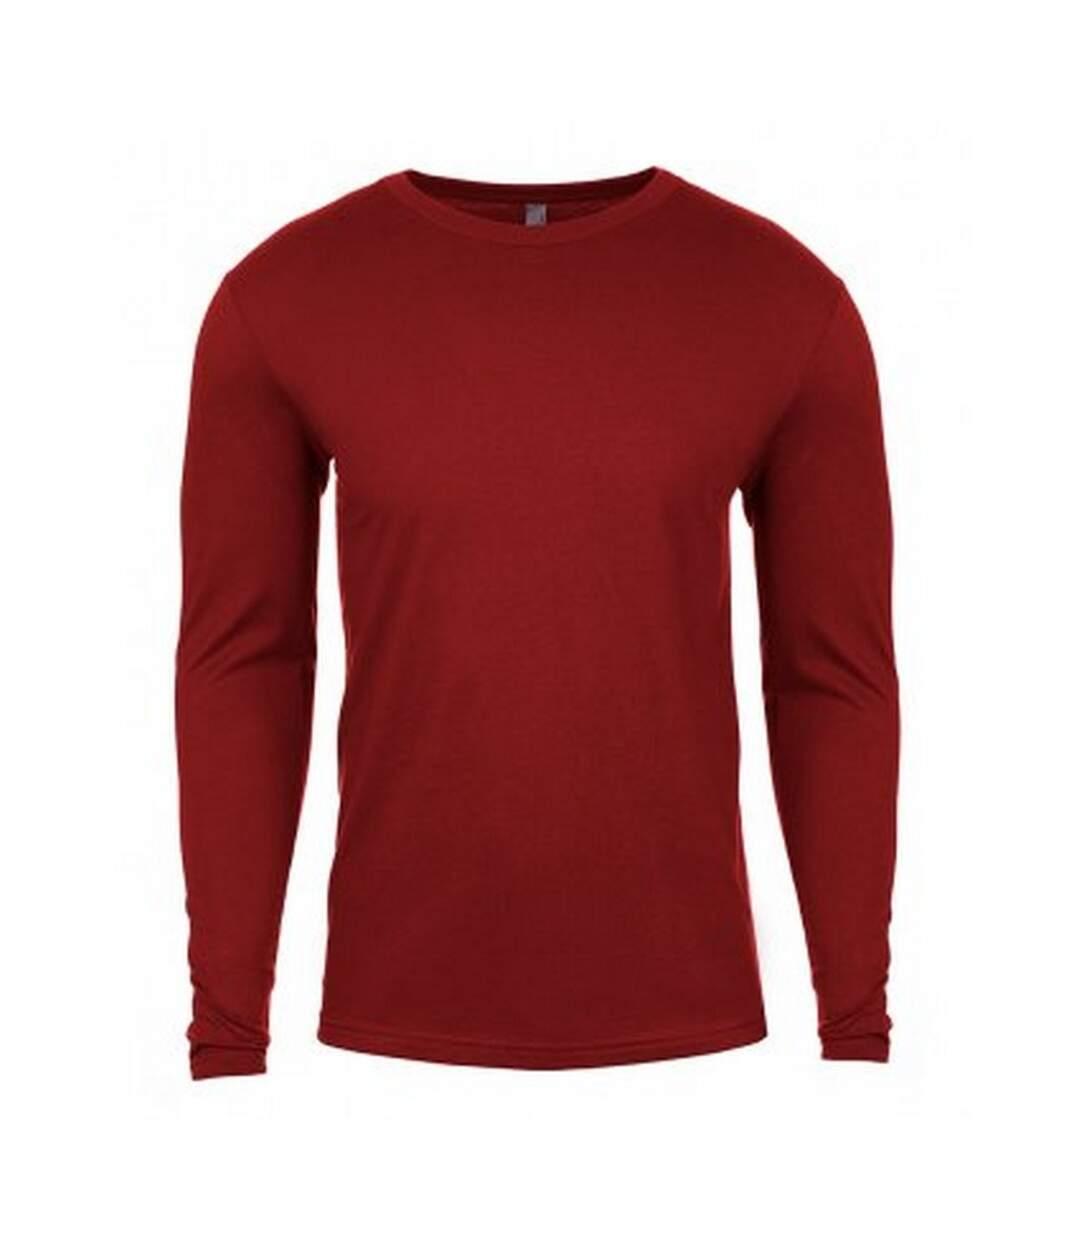 Next Level Mens Long-Sleeved T-Shirt (Dark Red) - UTPC4149